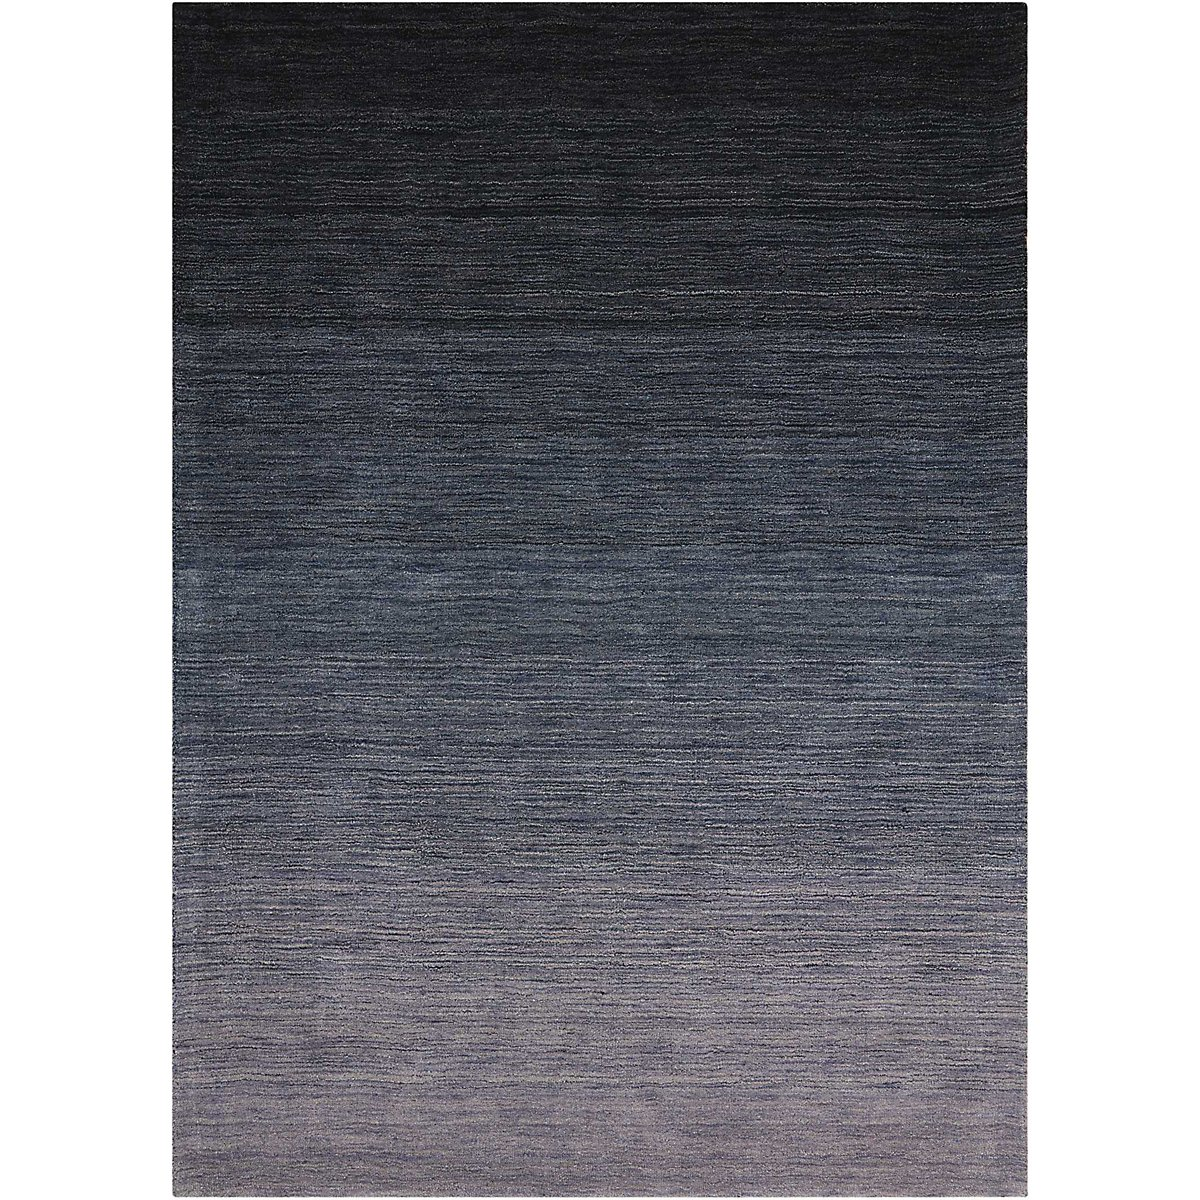 Haze Dark Blue 5X7 Area Rug